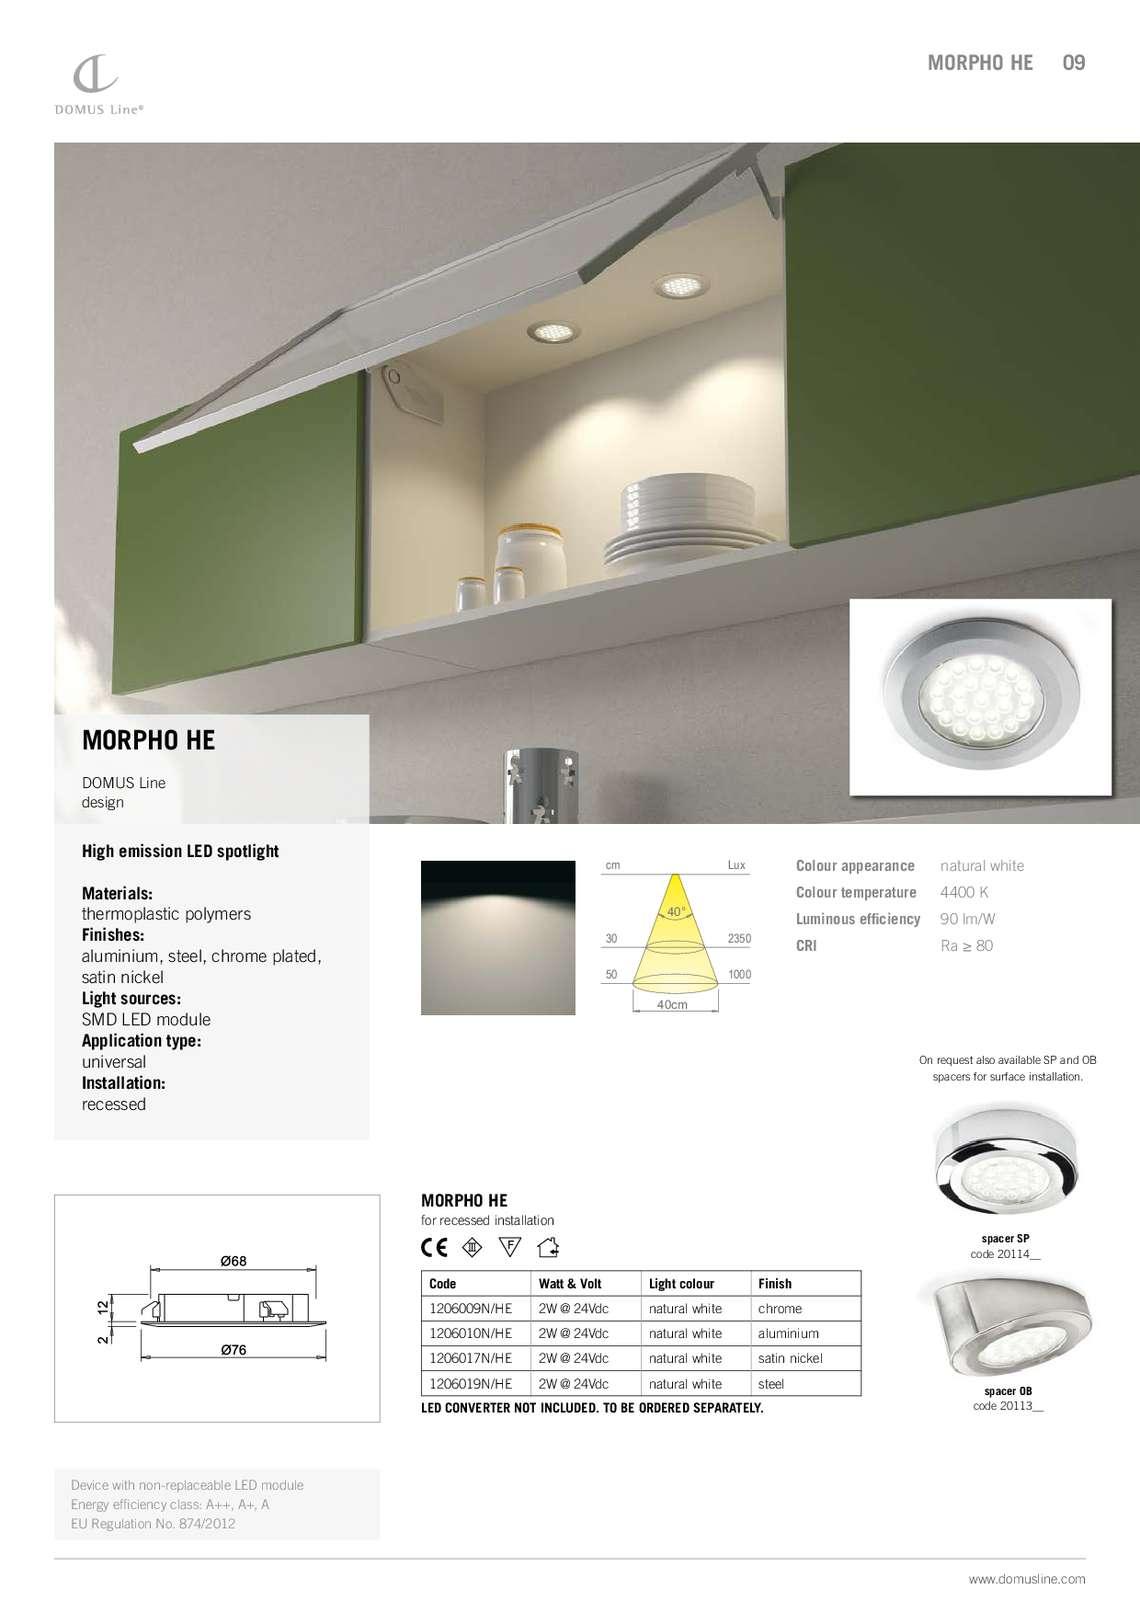 domus-line-top-seller_27_010.jpg